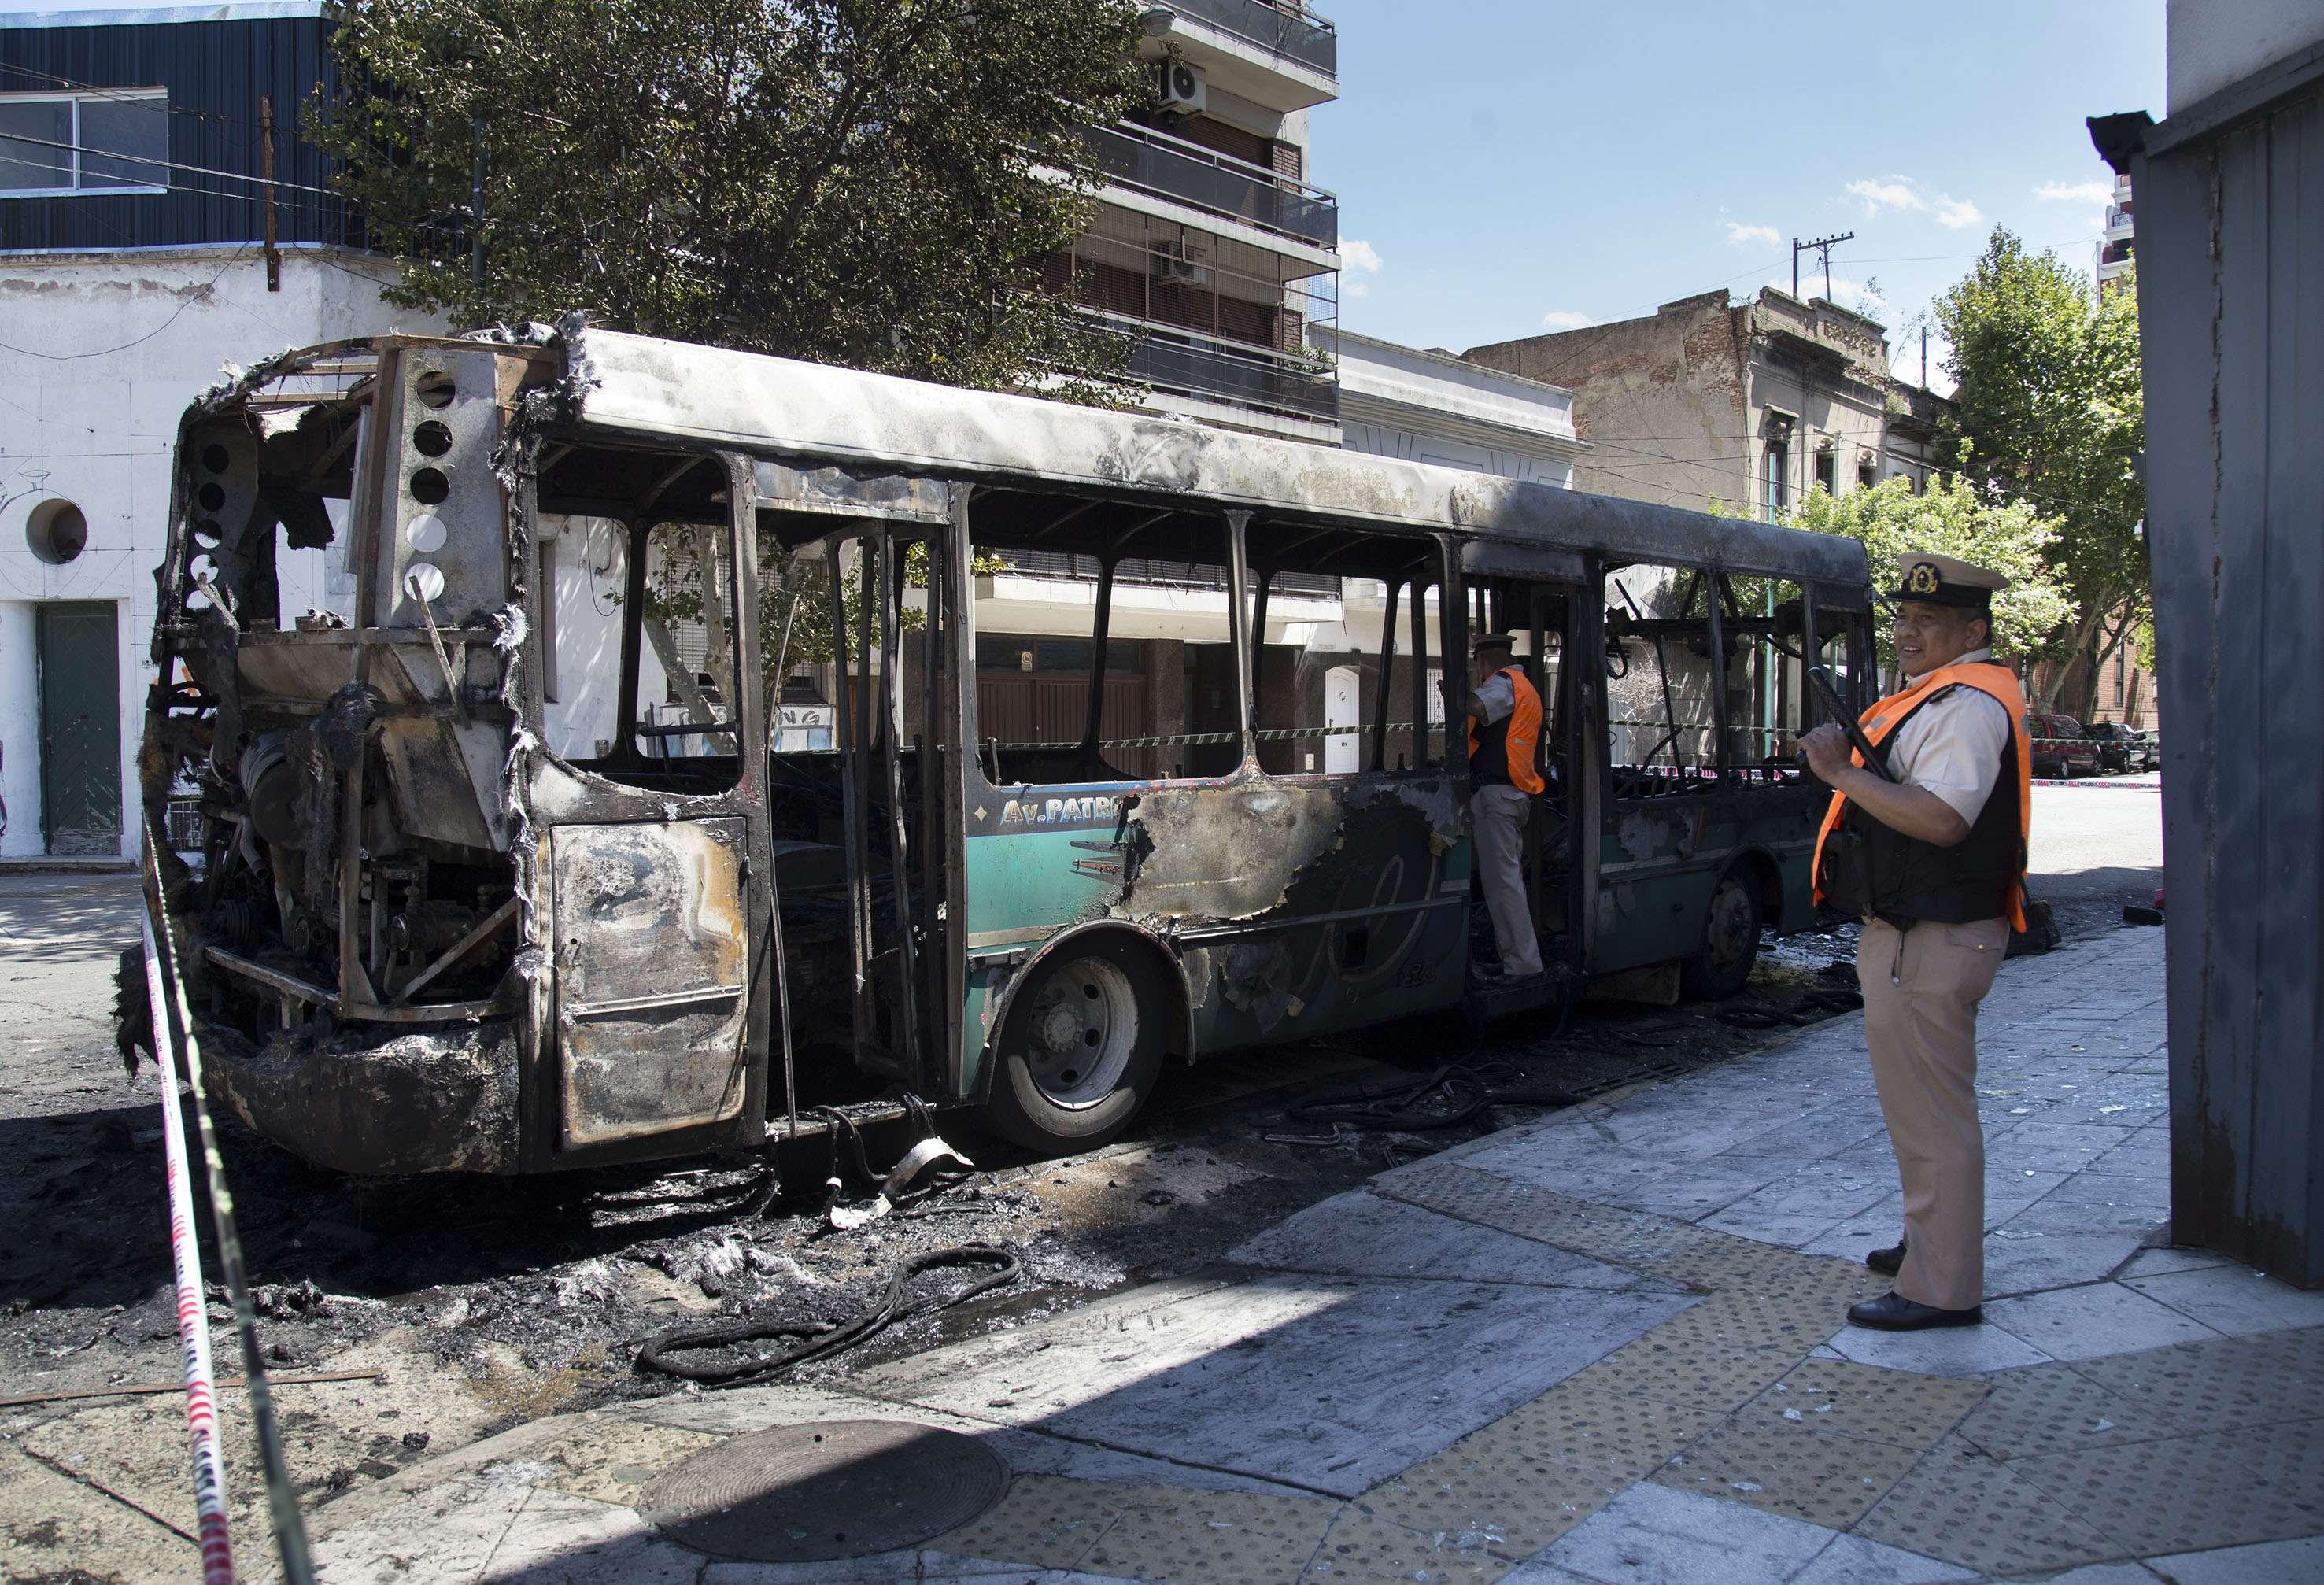 Así quedó el interno de la línea 10. Foto: Noticias Argentinas